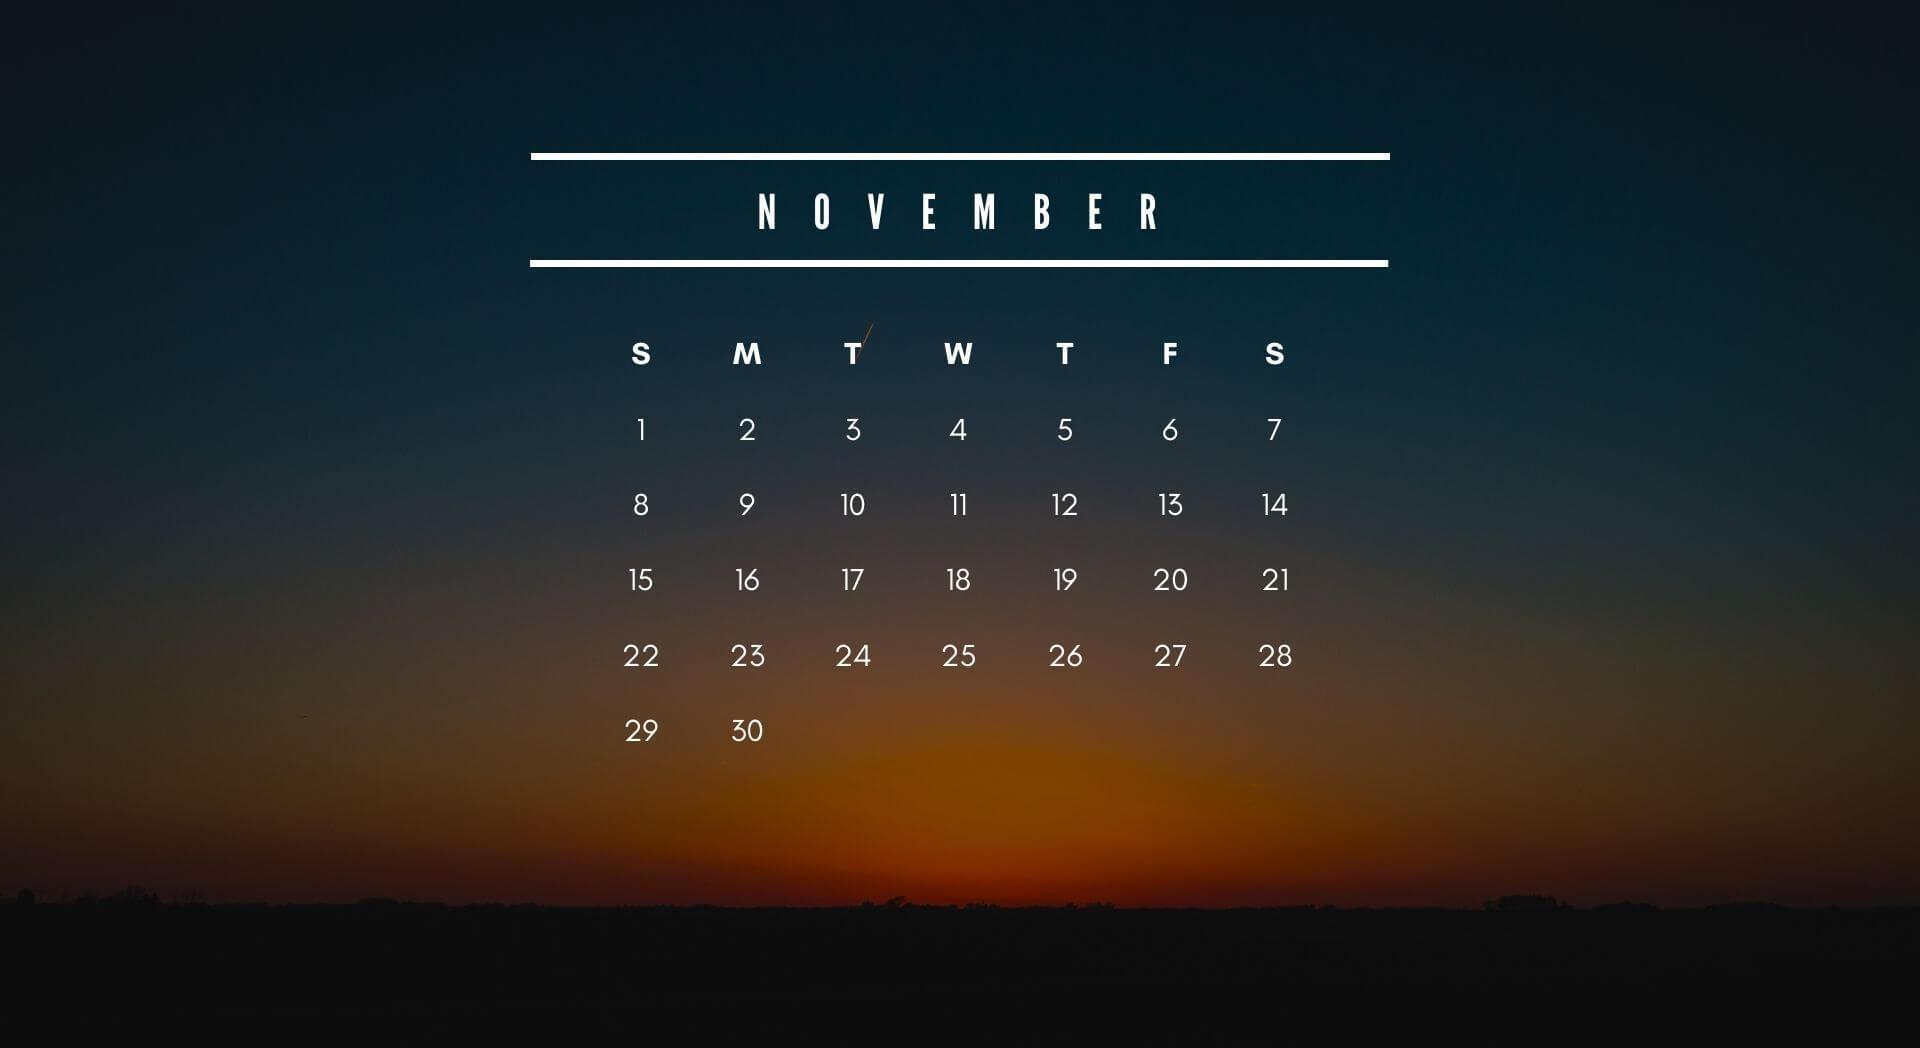 November 2020 Calendar Screensaver